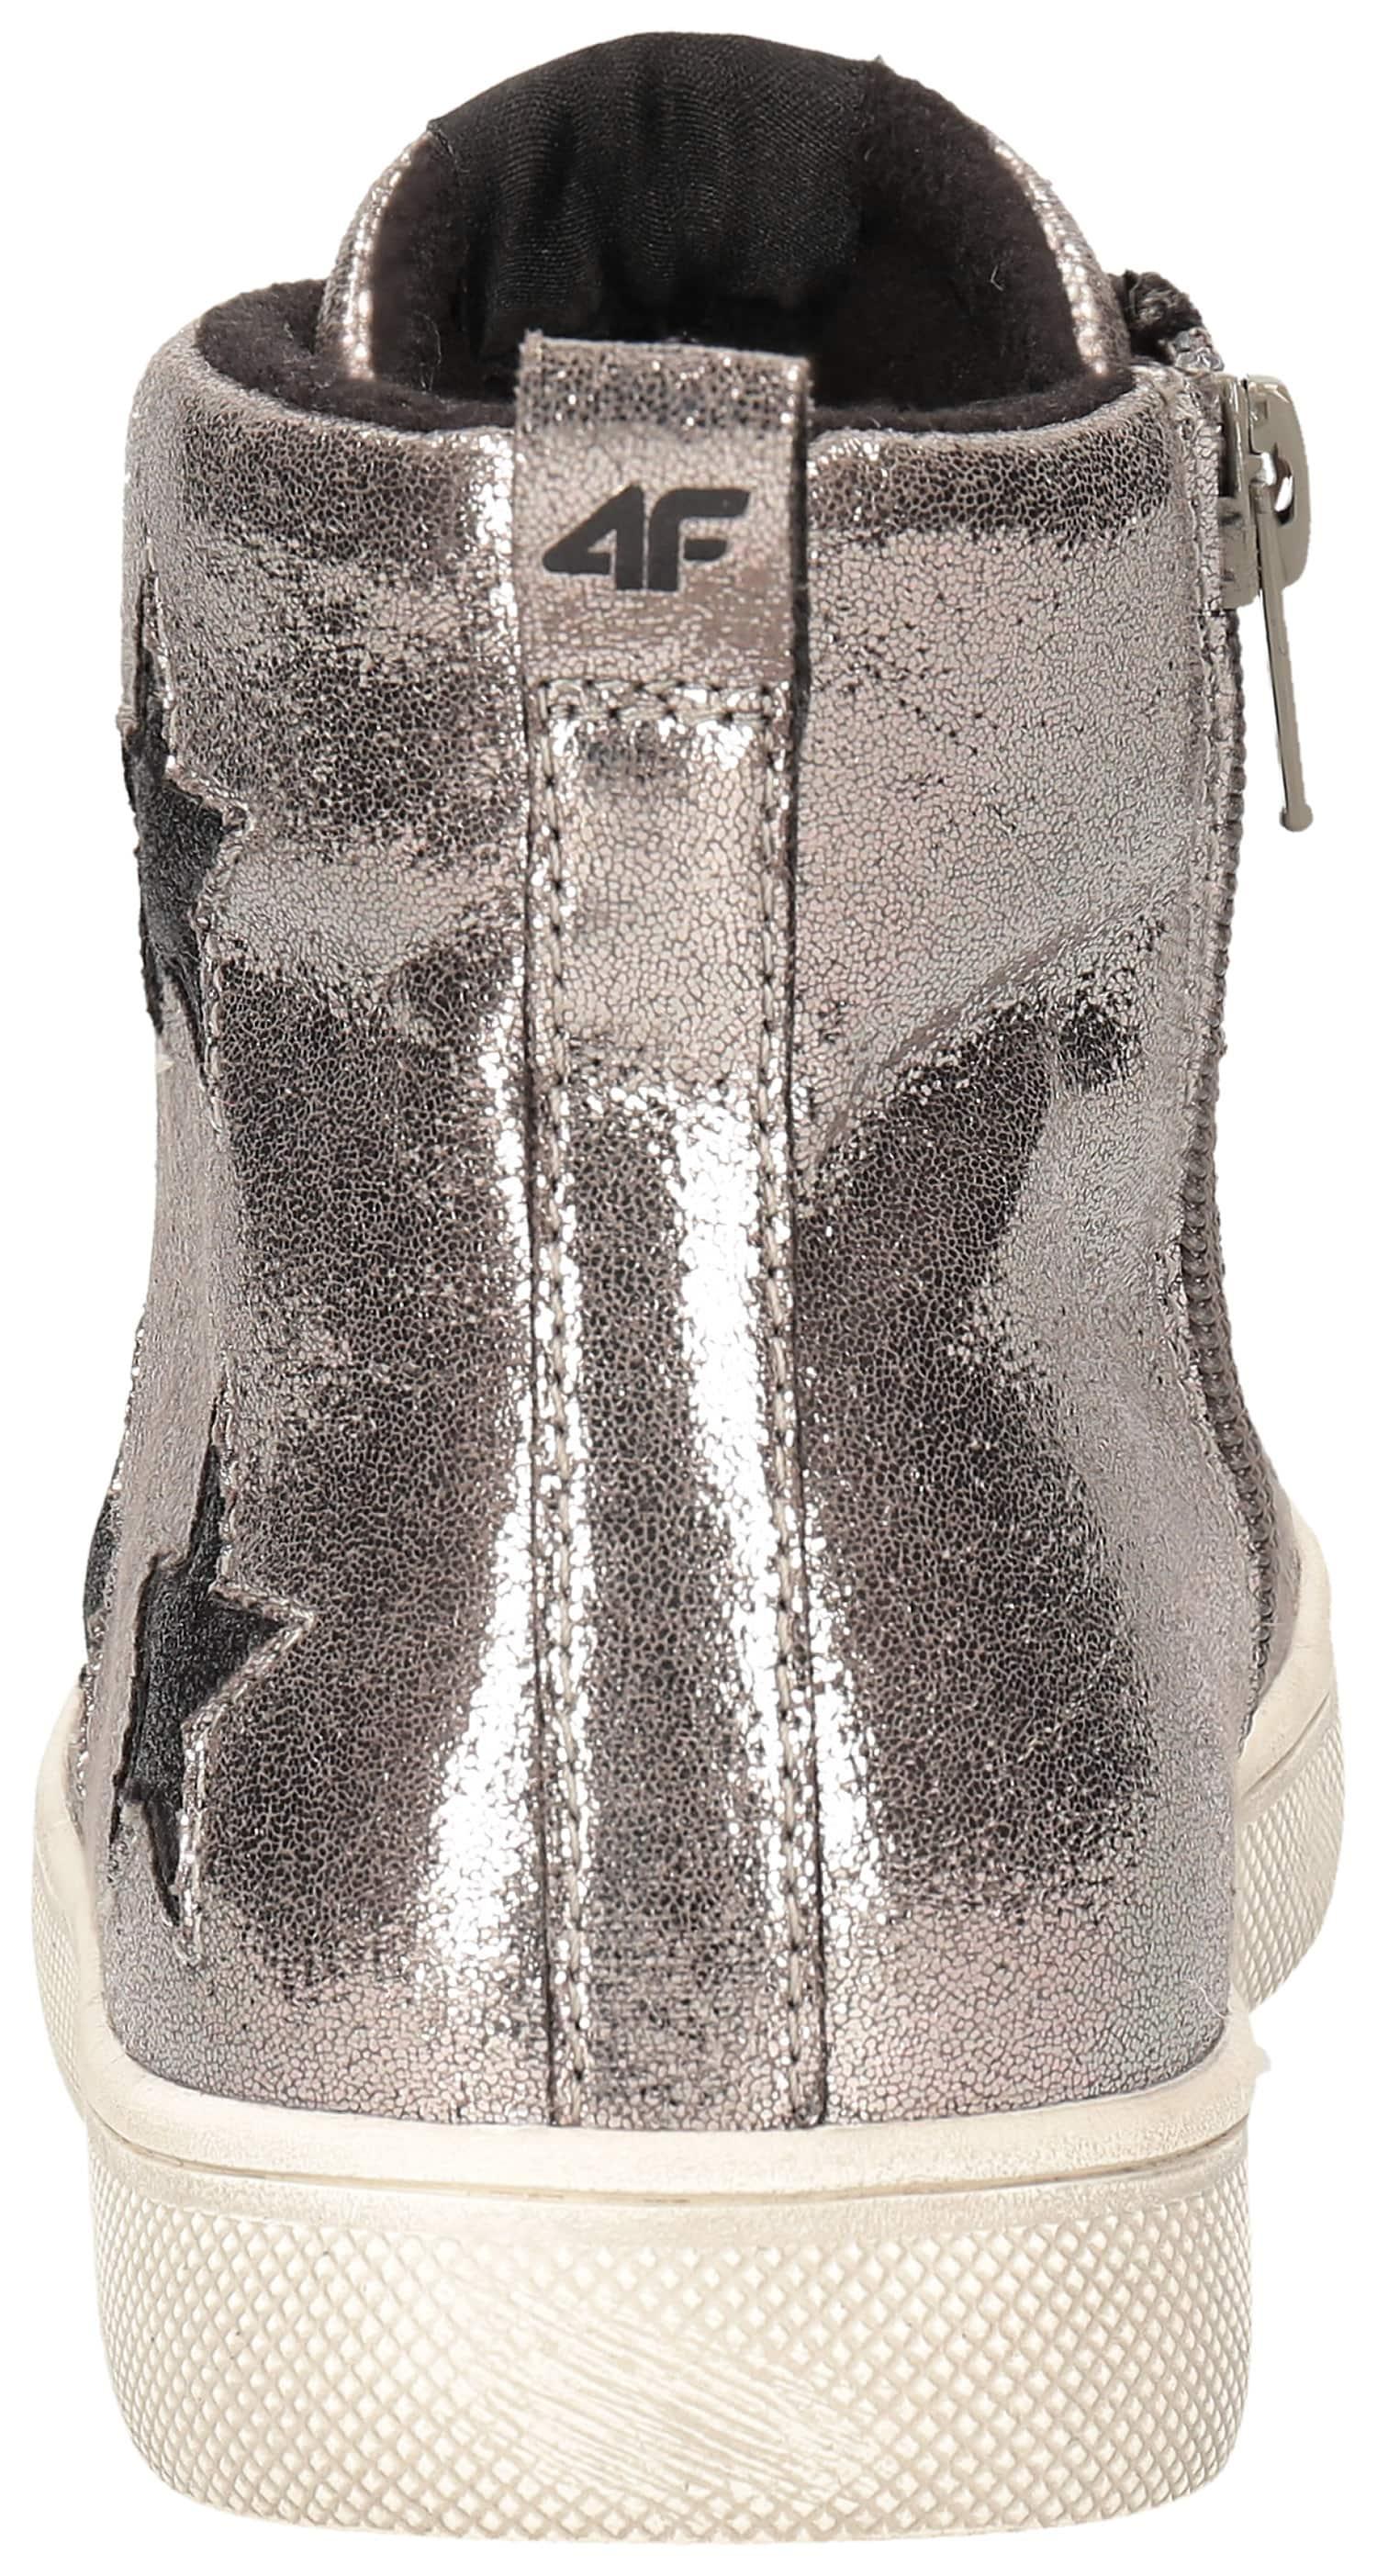 0a8bbc6b5 Jesenné topánky pre staršie deti (dievčatá) JOBDA200 – strieborná